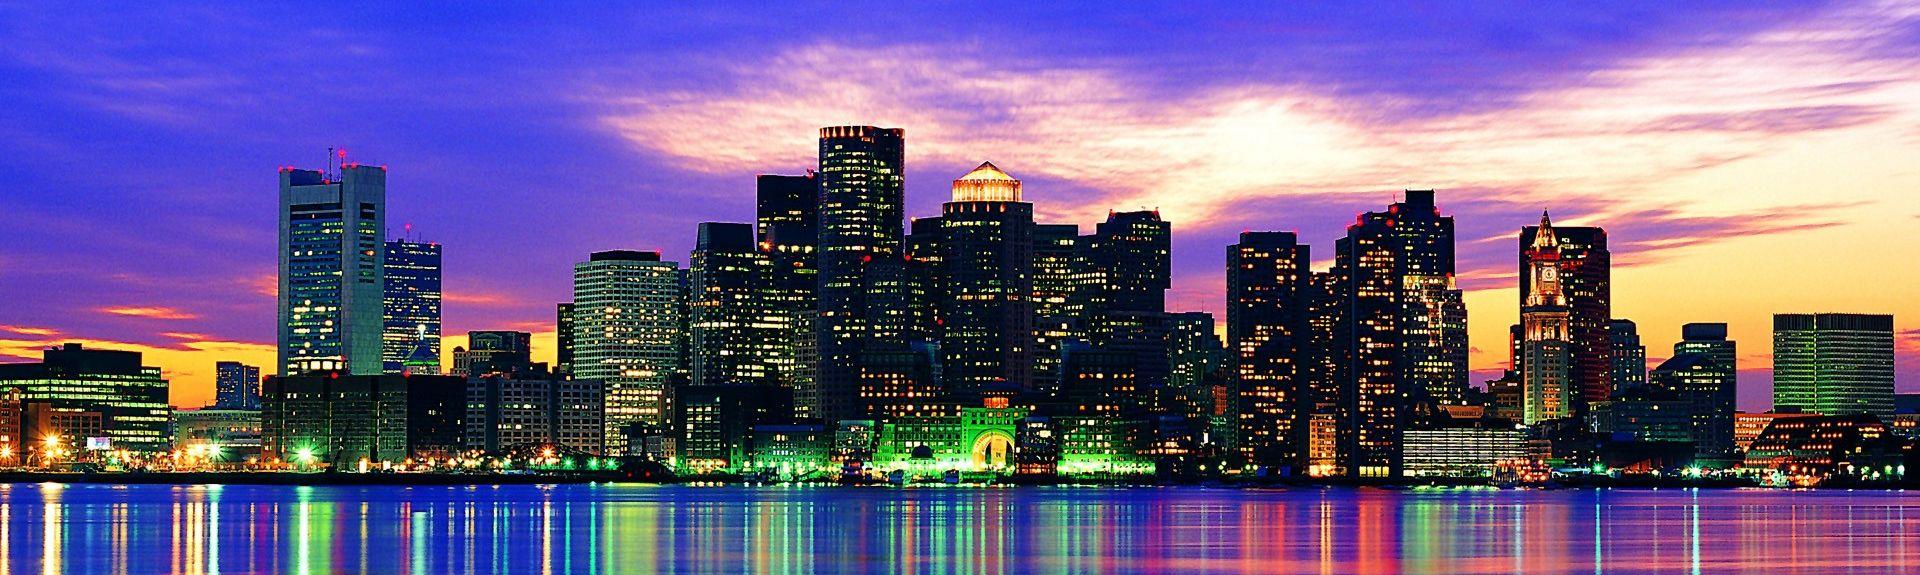 Quartier Fenway–Kenmore, Boston, Massachusetts, États-Unis d'Amérique